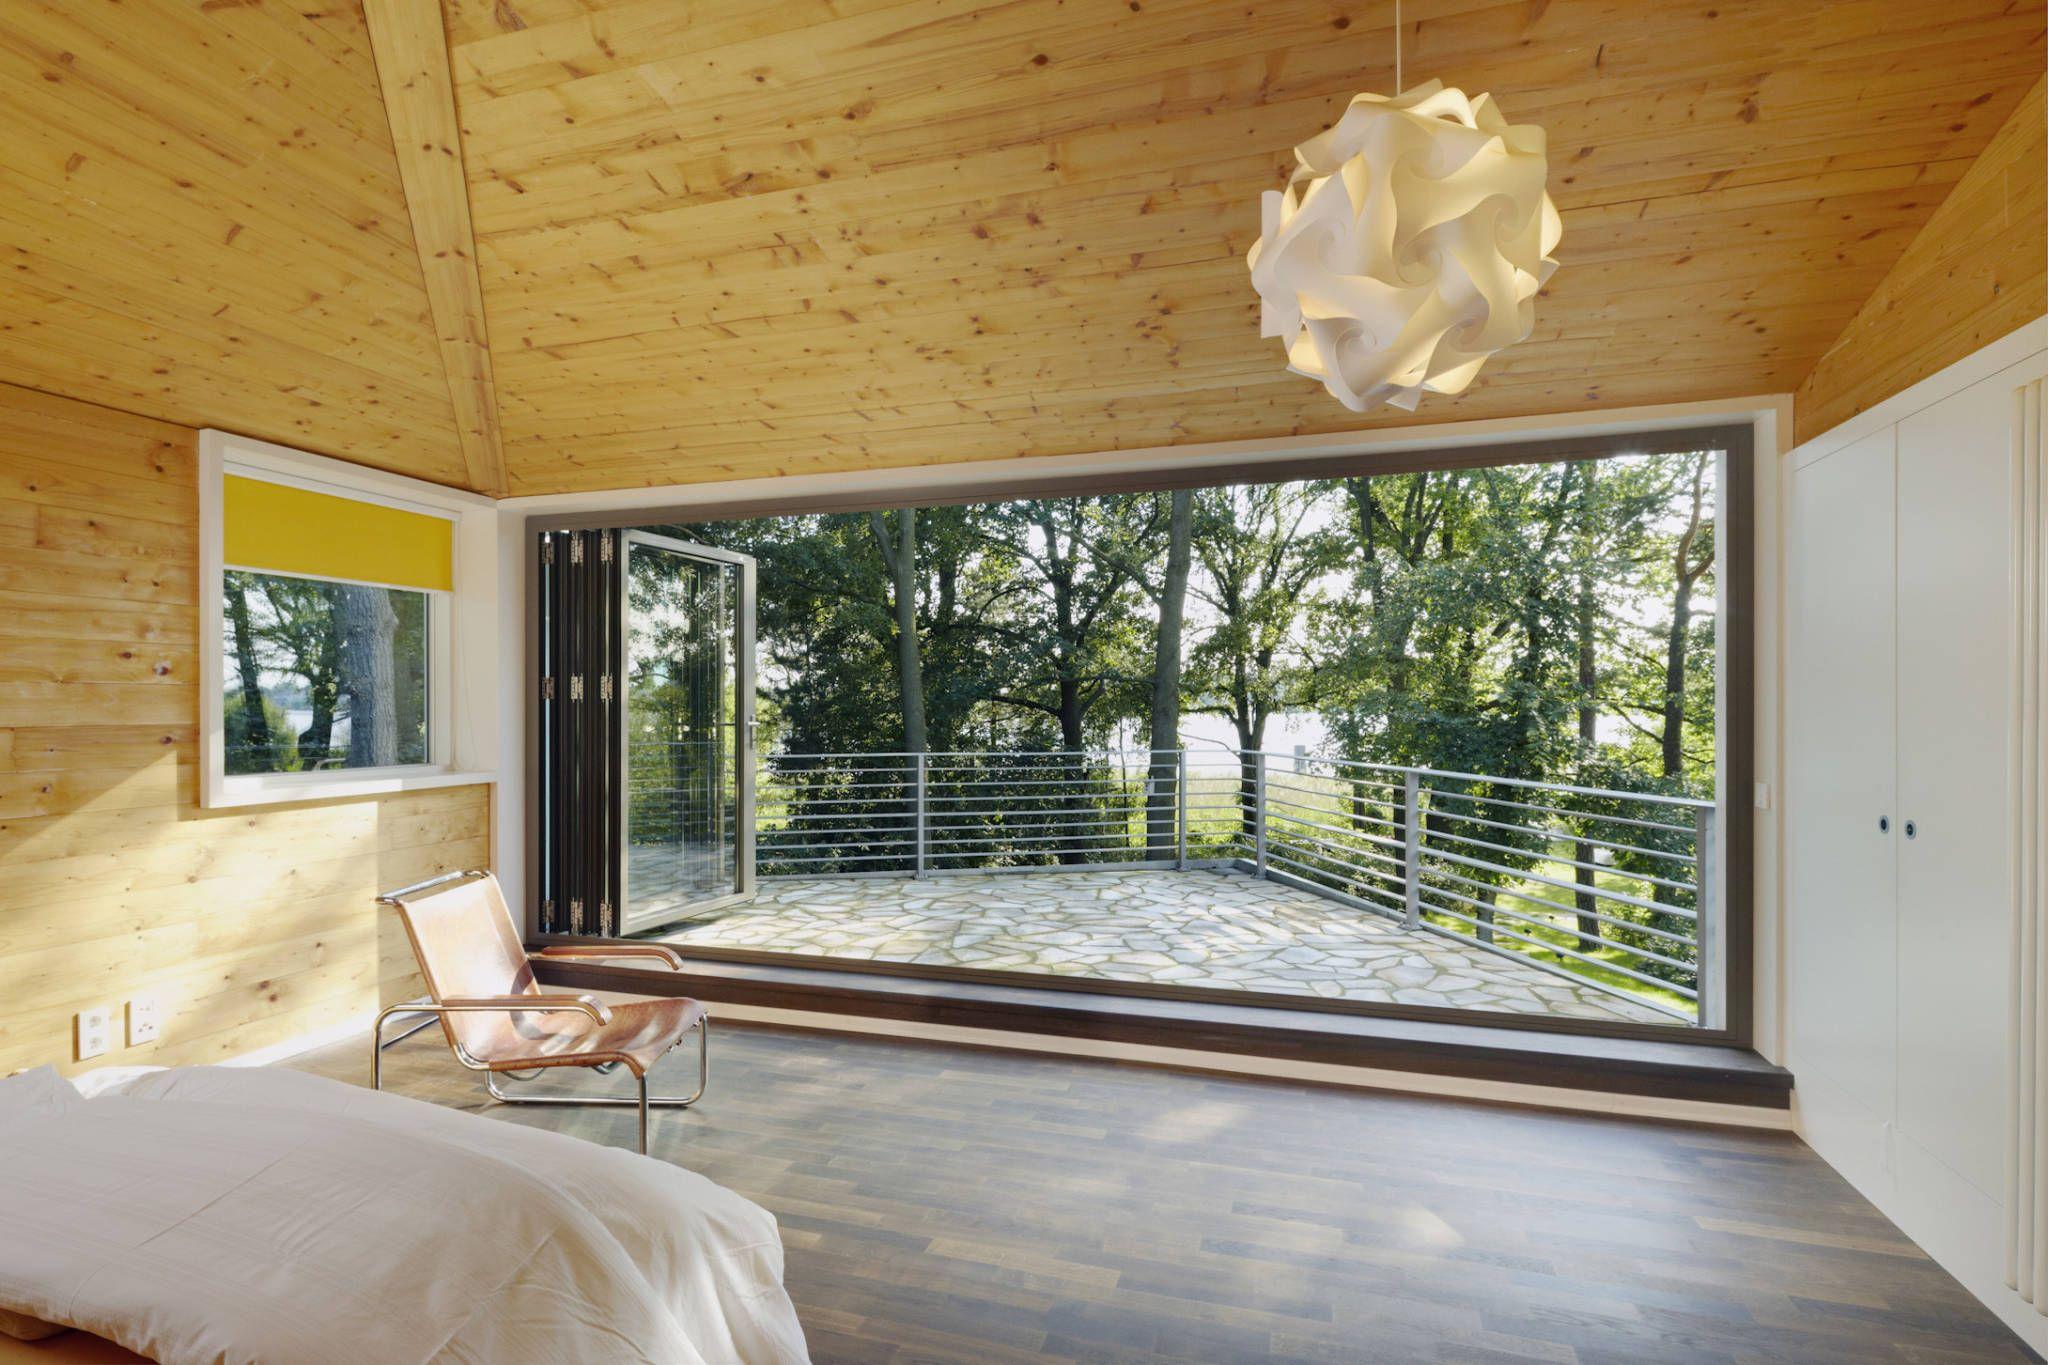 Moderne Fenster wohnideen interior design einrichtungsideen bilder moderne